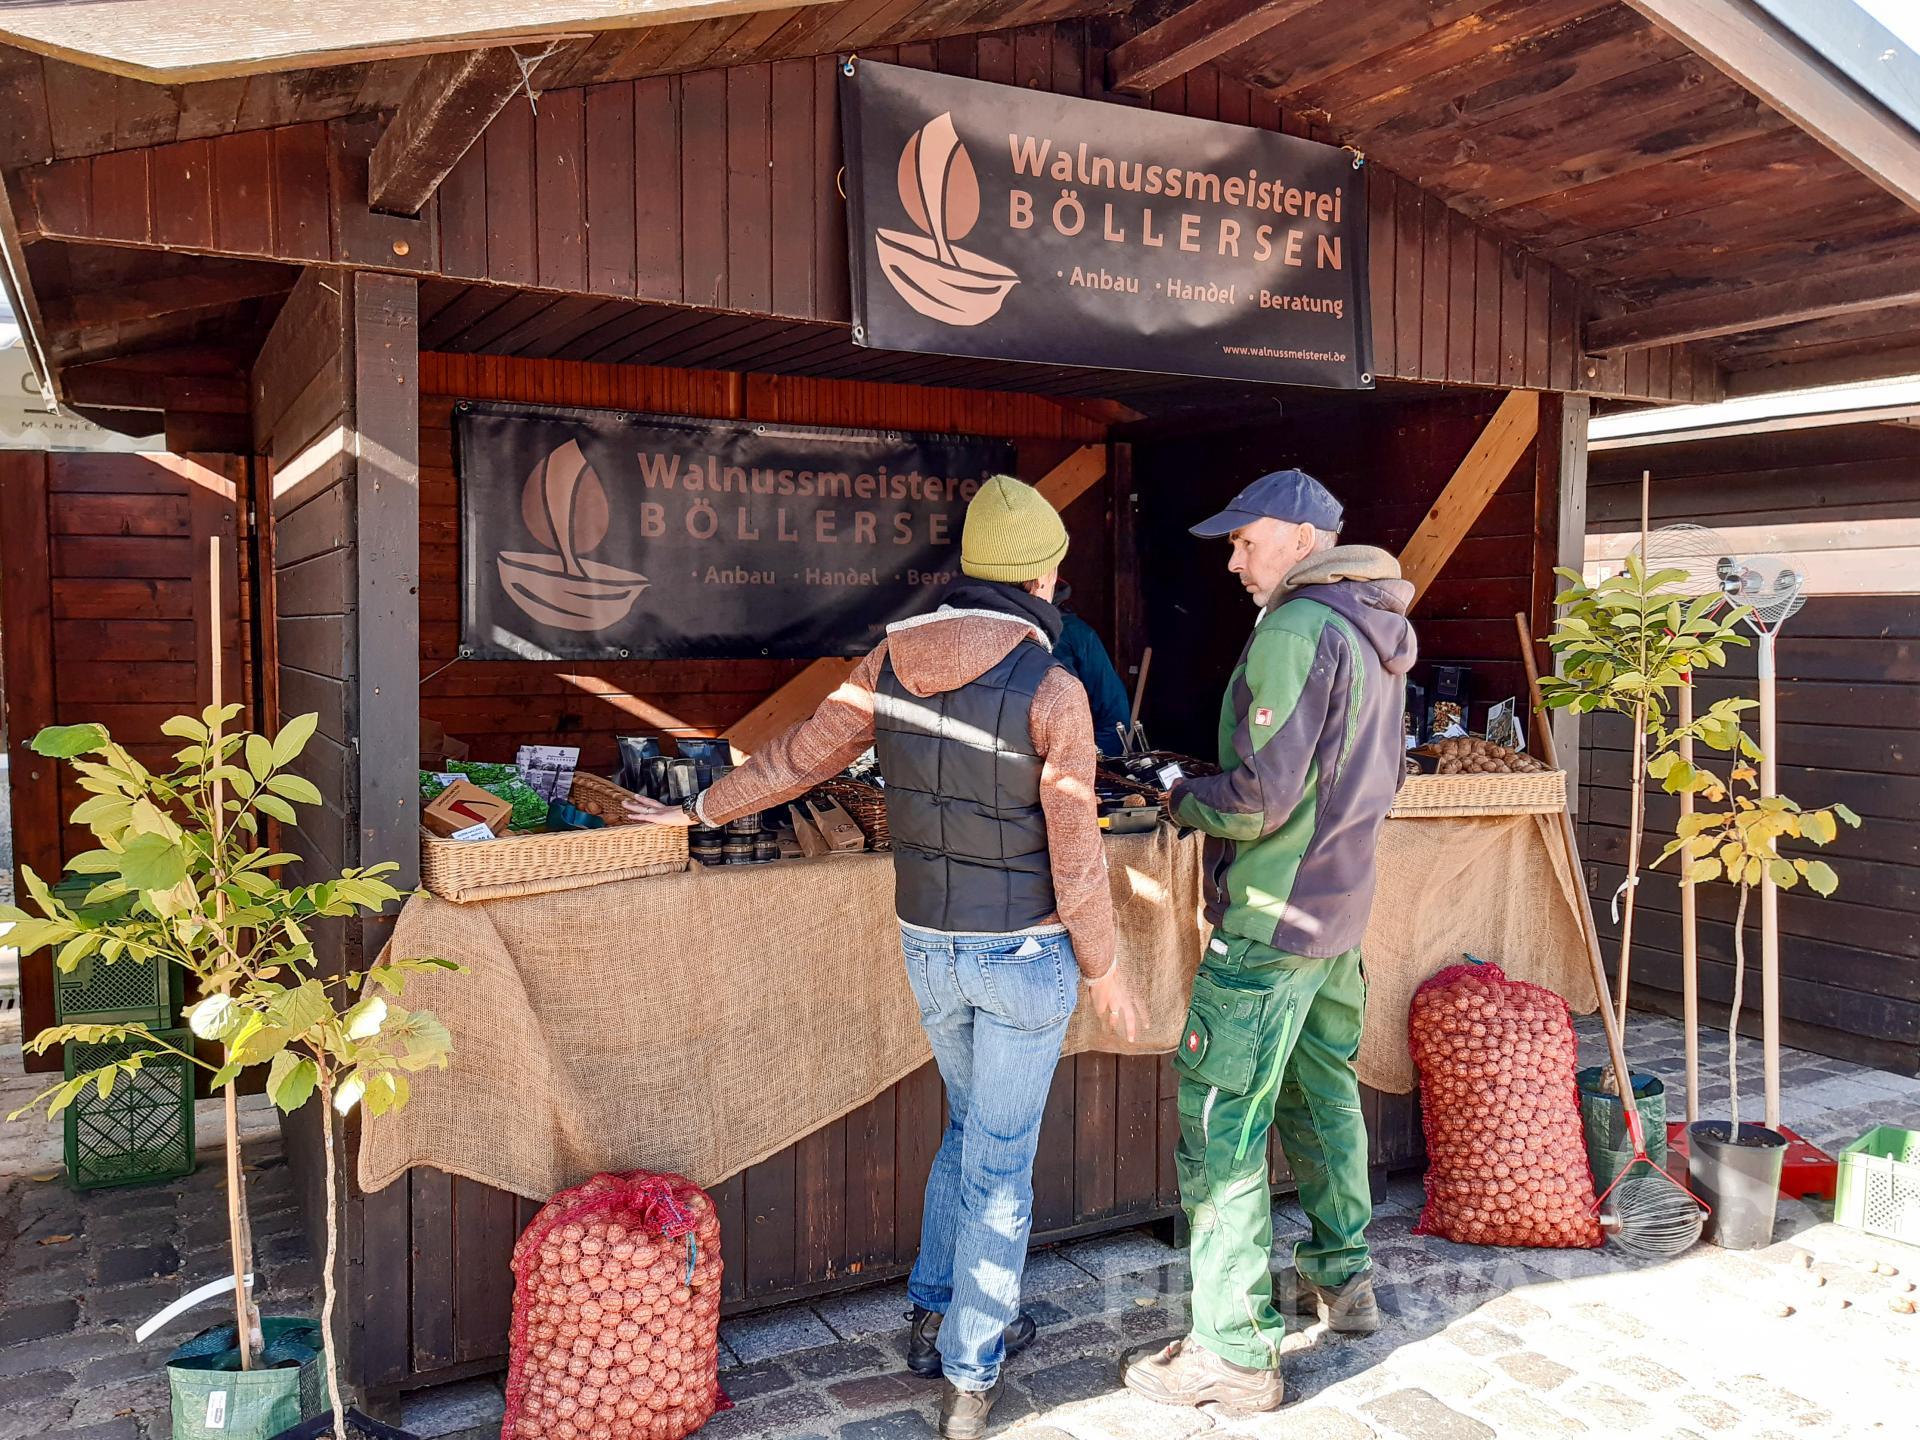 Wissenswertes rund um die Walnuss vermittelten die Anbieter von der Walnussmeisterei Böllersen. Foto: Sarah Schütte